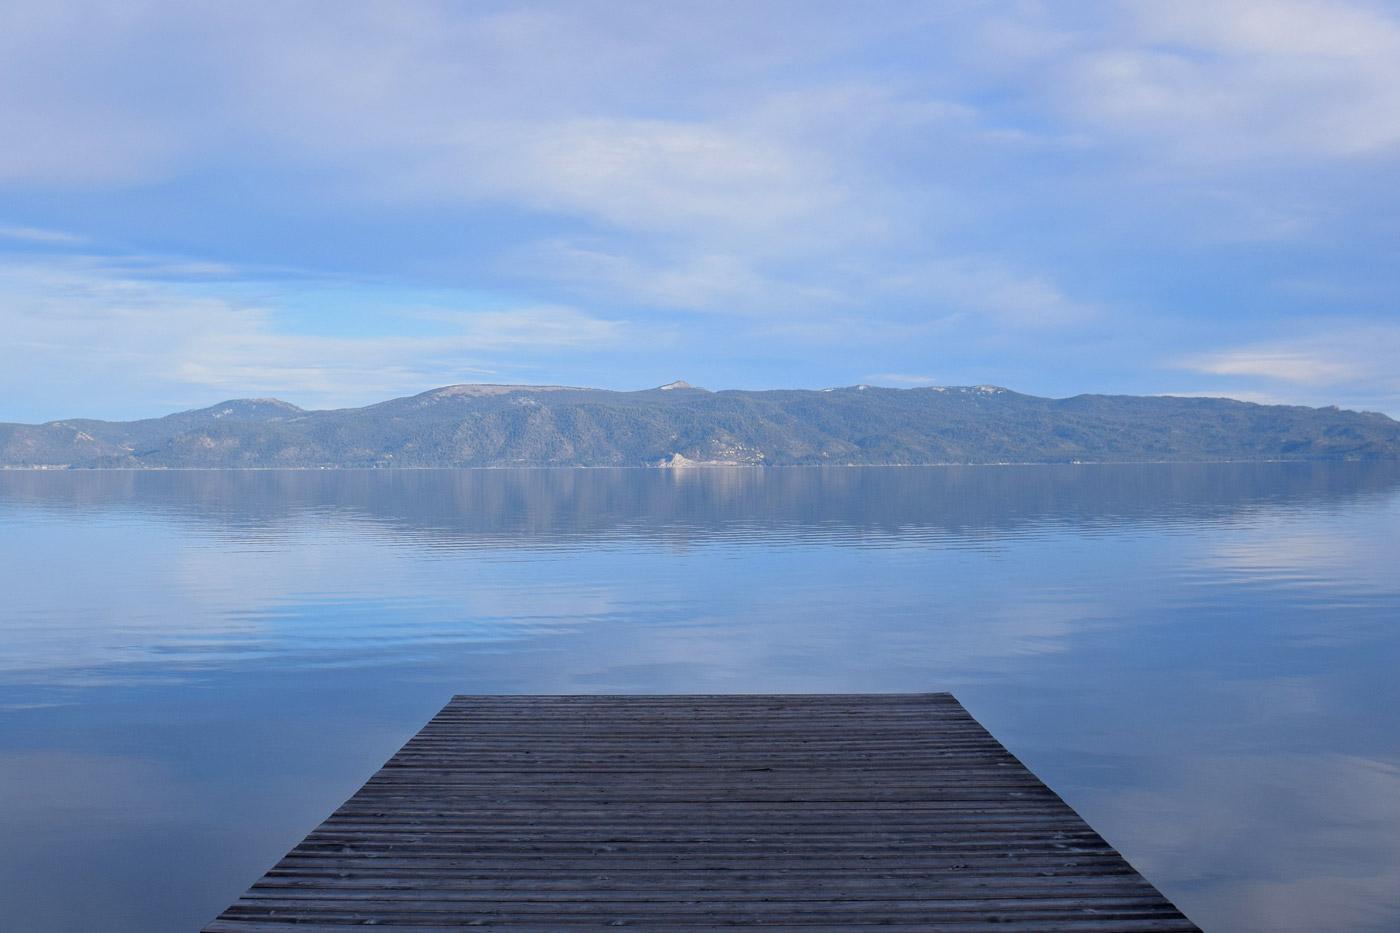 tahoe-dock-water-new-silvery.jpg